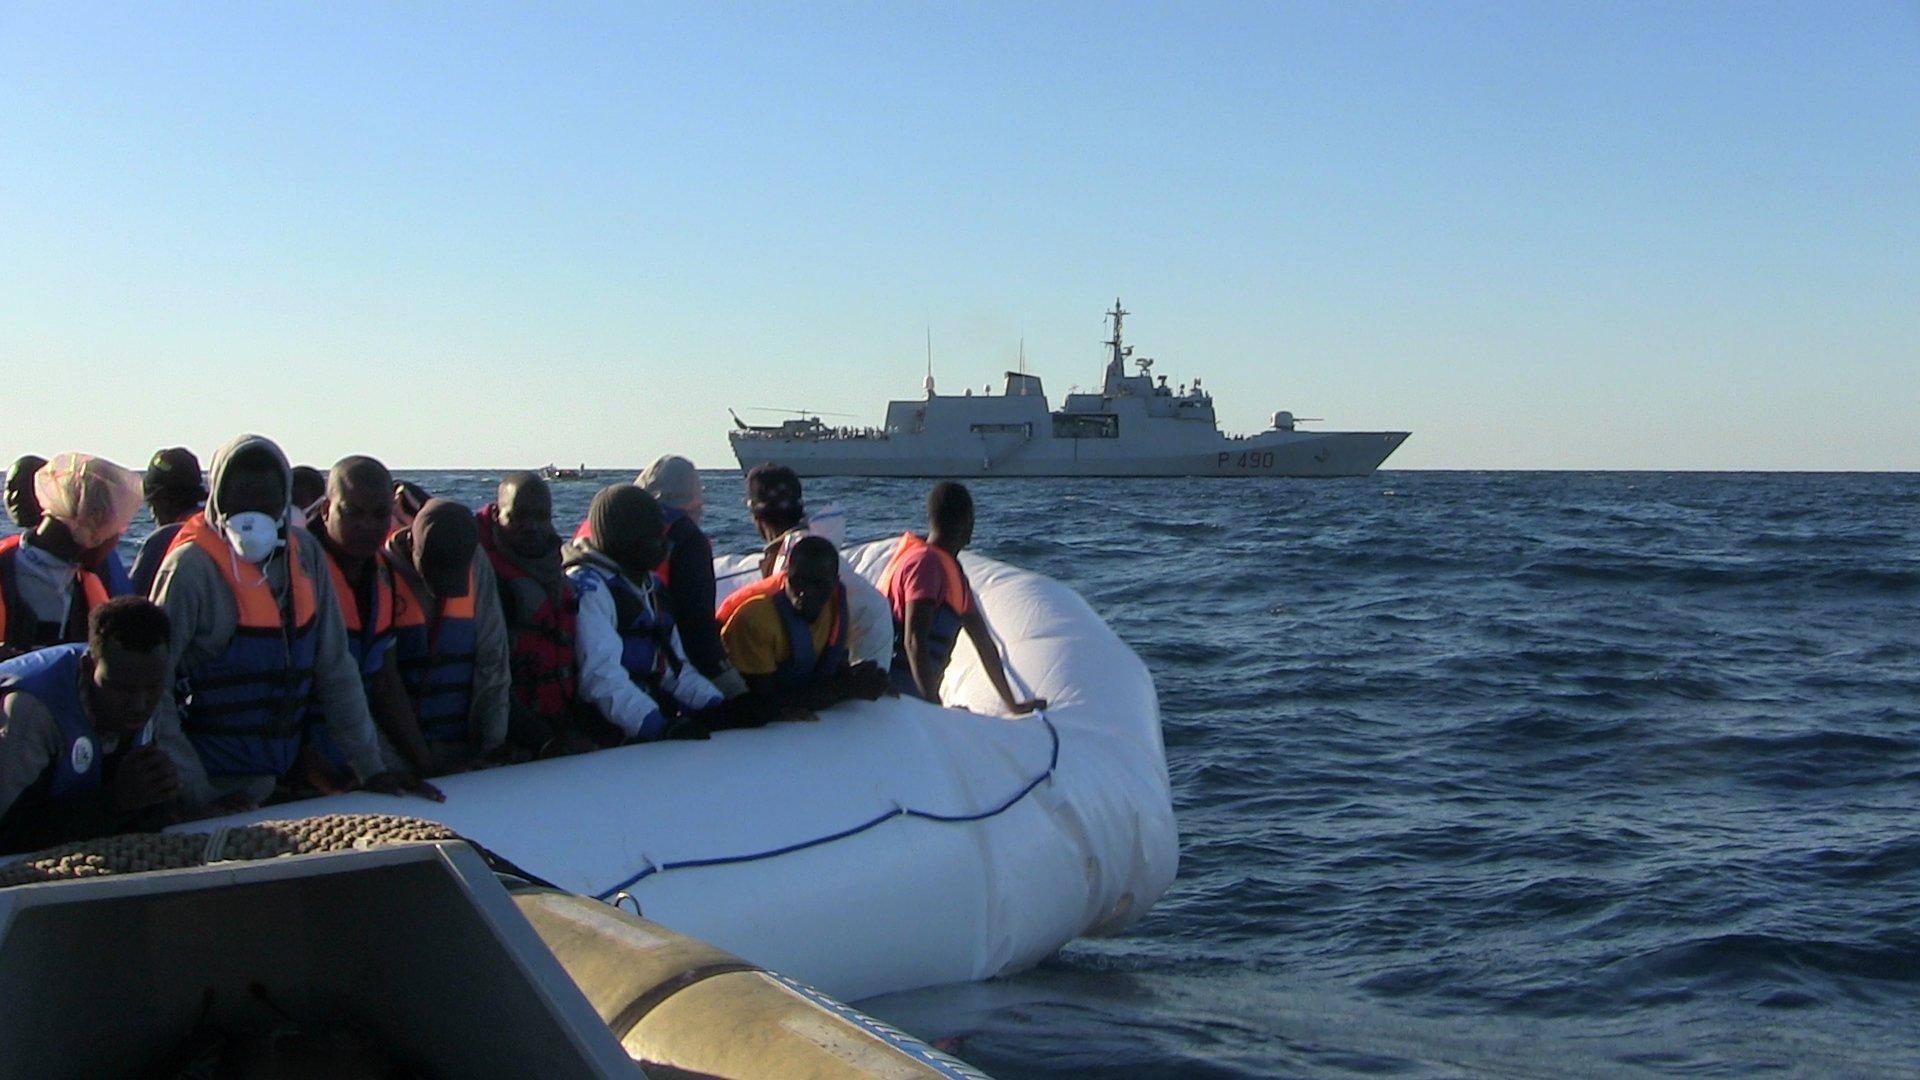 Alla Marina Militare Italiana Riconoscimento per le Numerose Vite Salvate in Mare